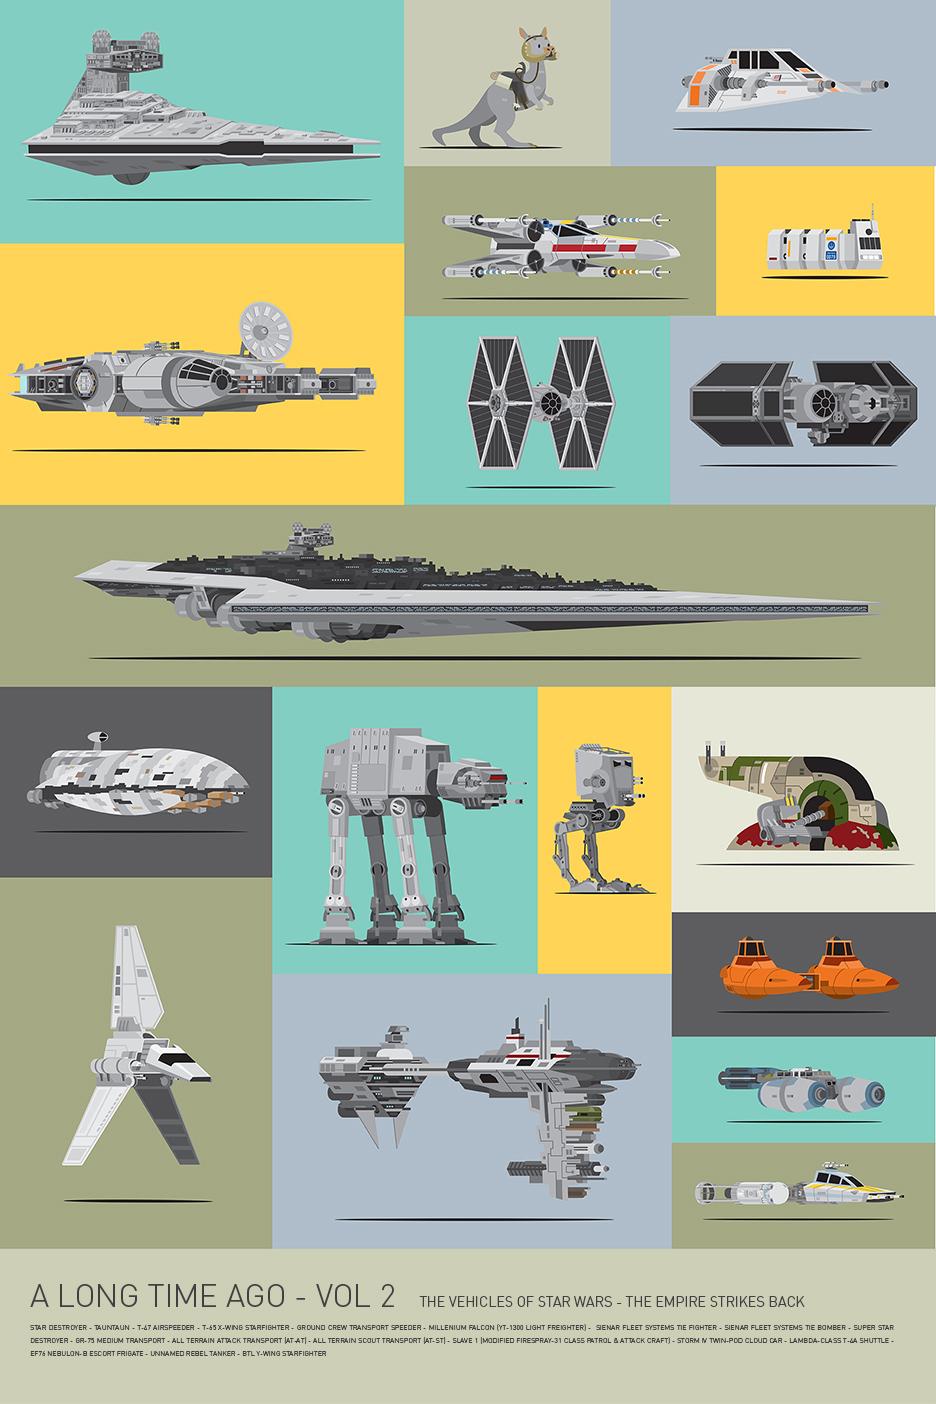 Vol 2: The Empire Strikes Back